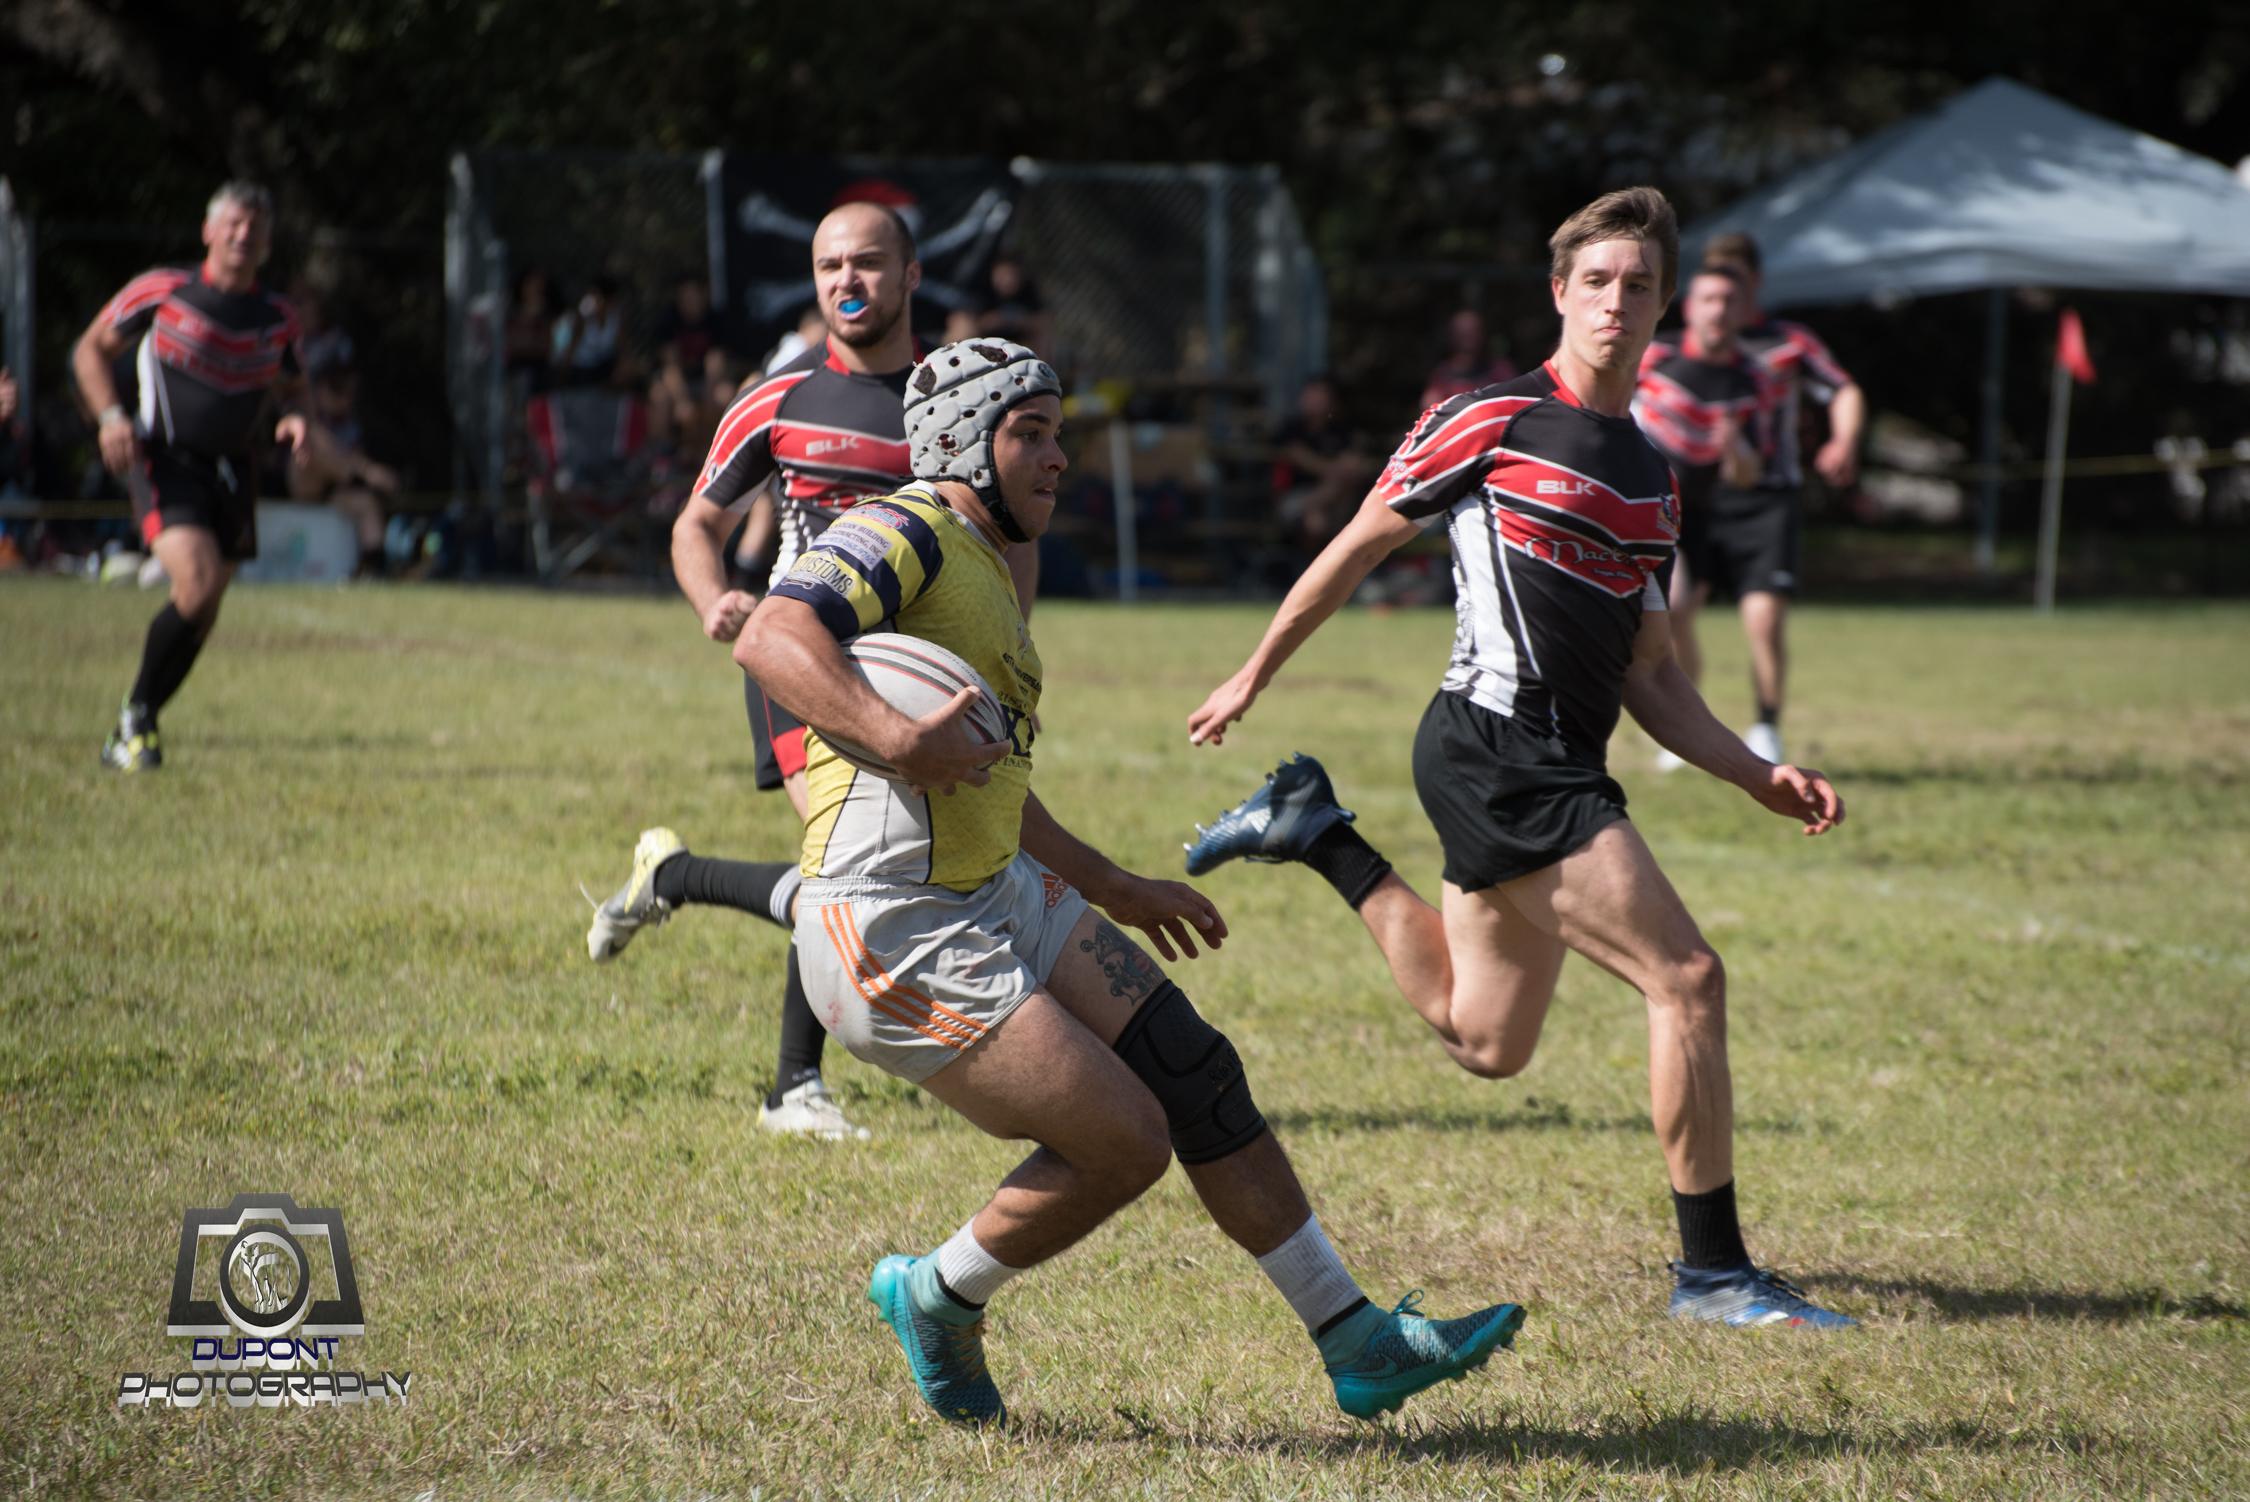 2019-01-19 Rugby-605-2.jpg